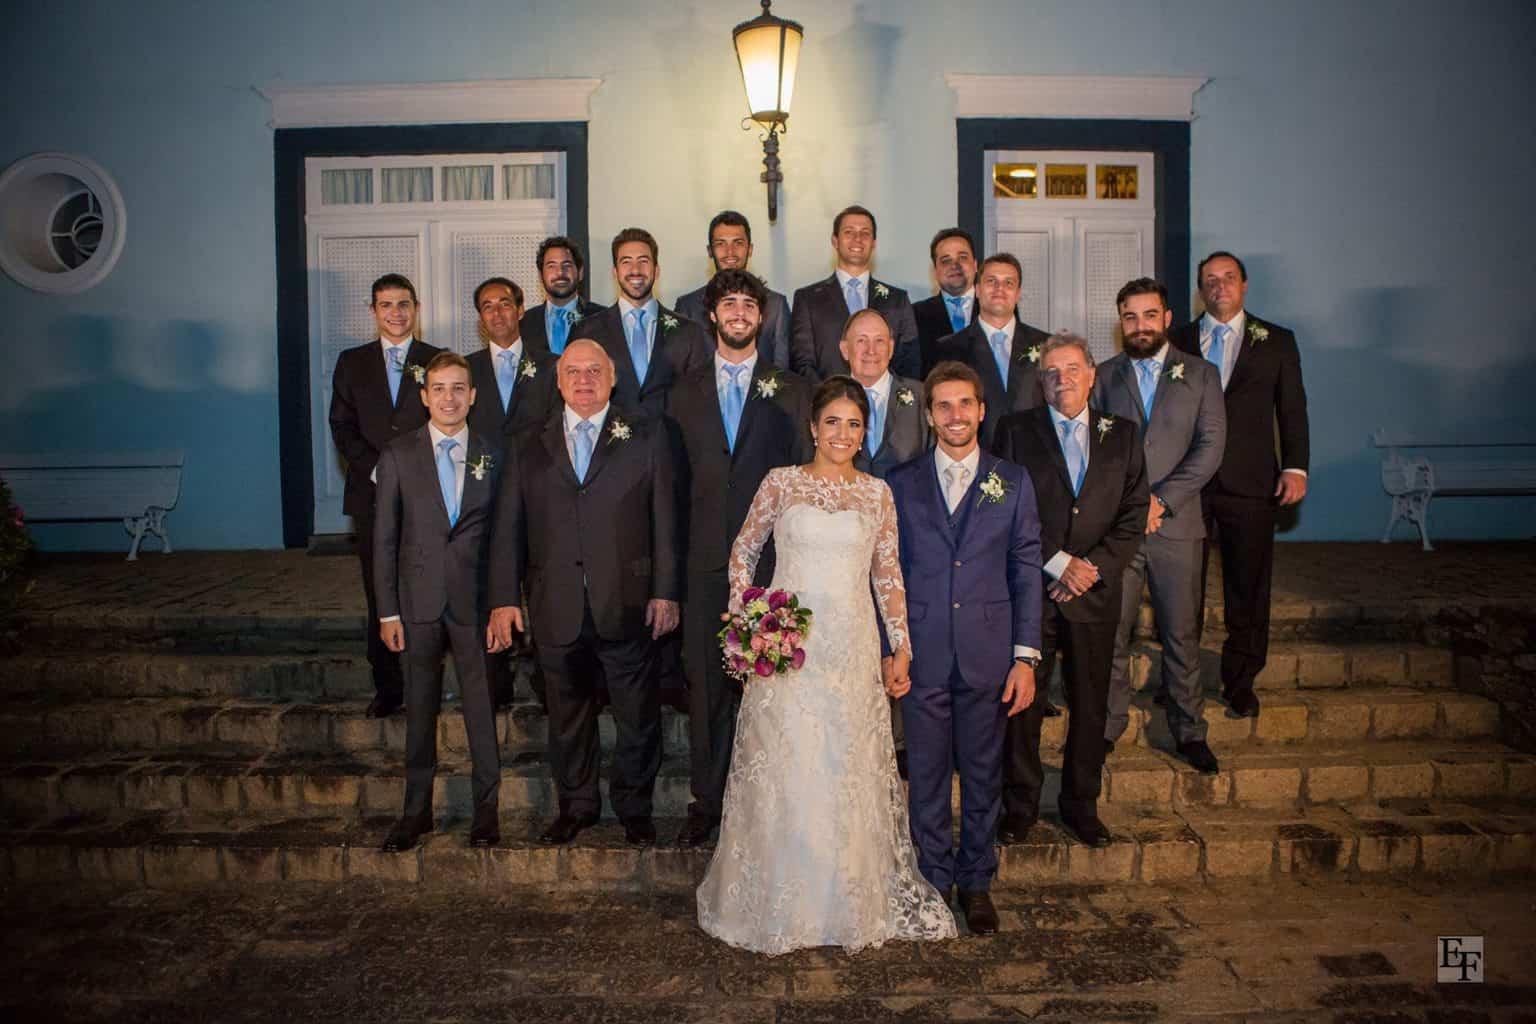 casamento-carolina-e-vitor-caseme-foto-edu-federice-36